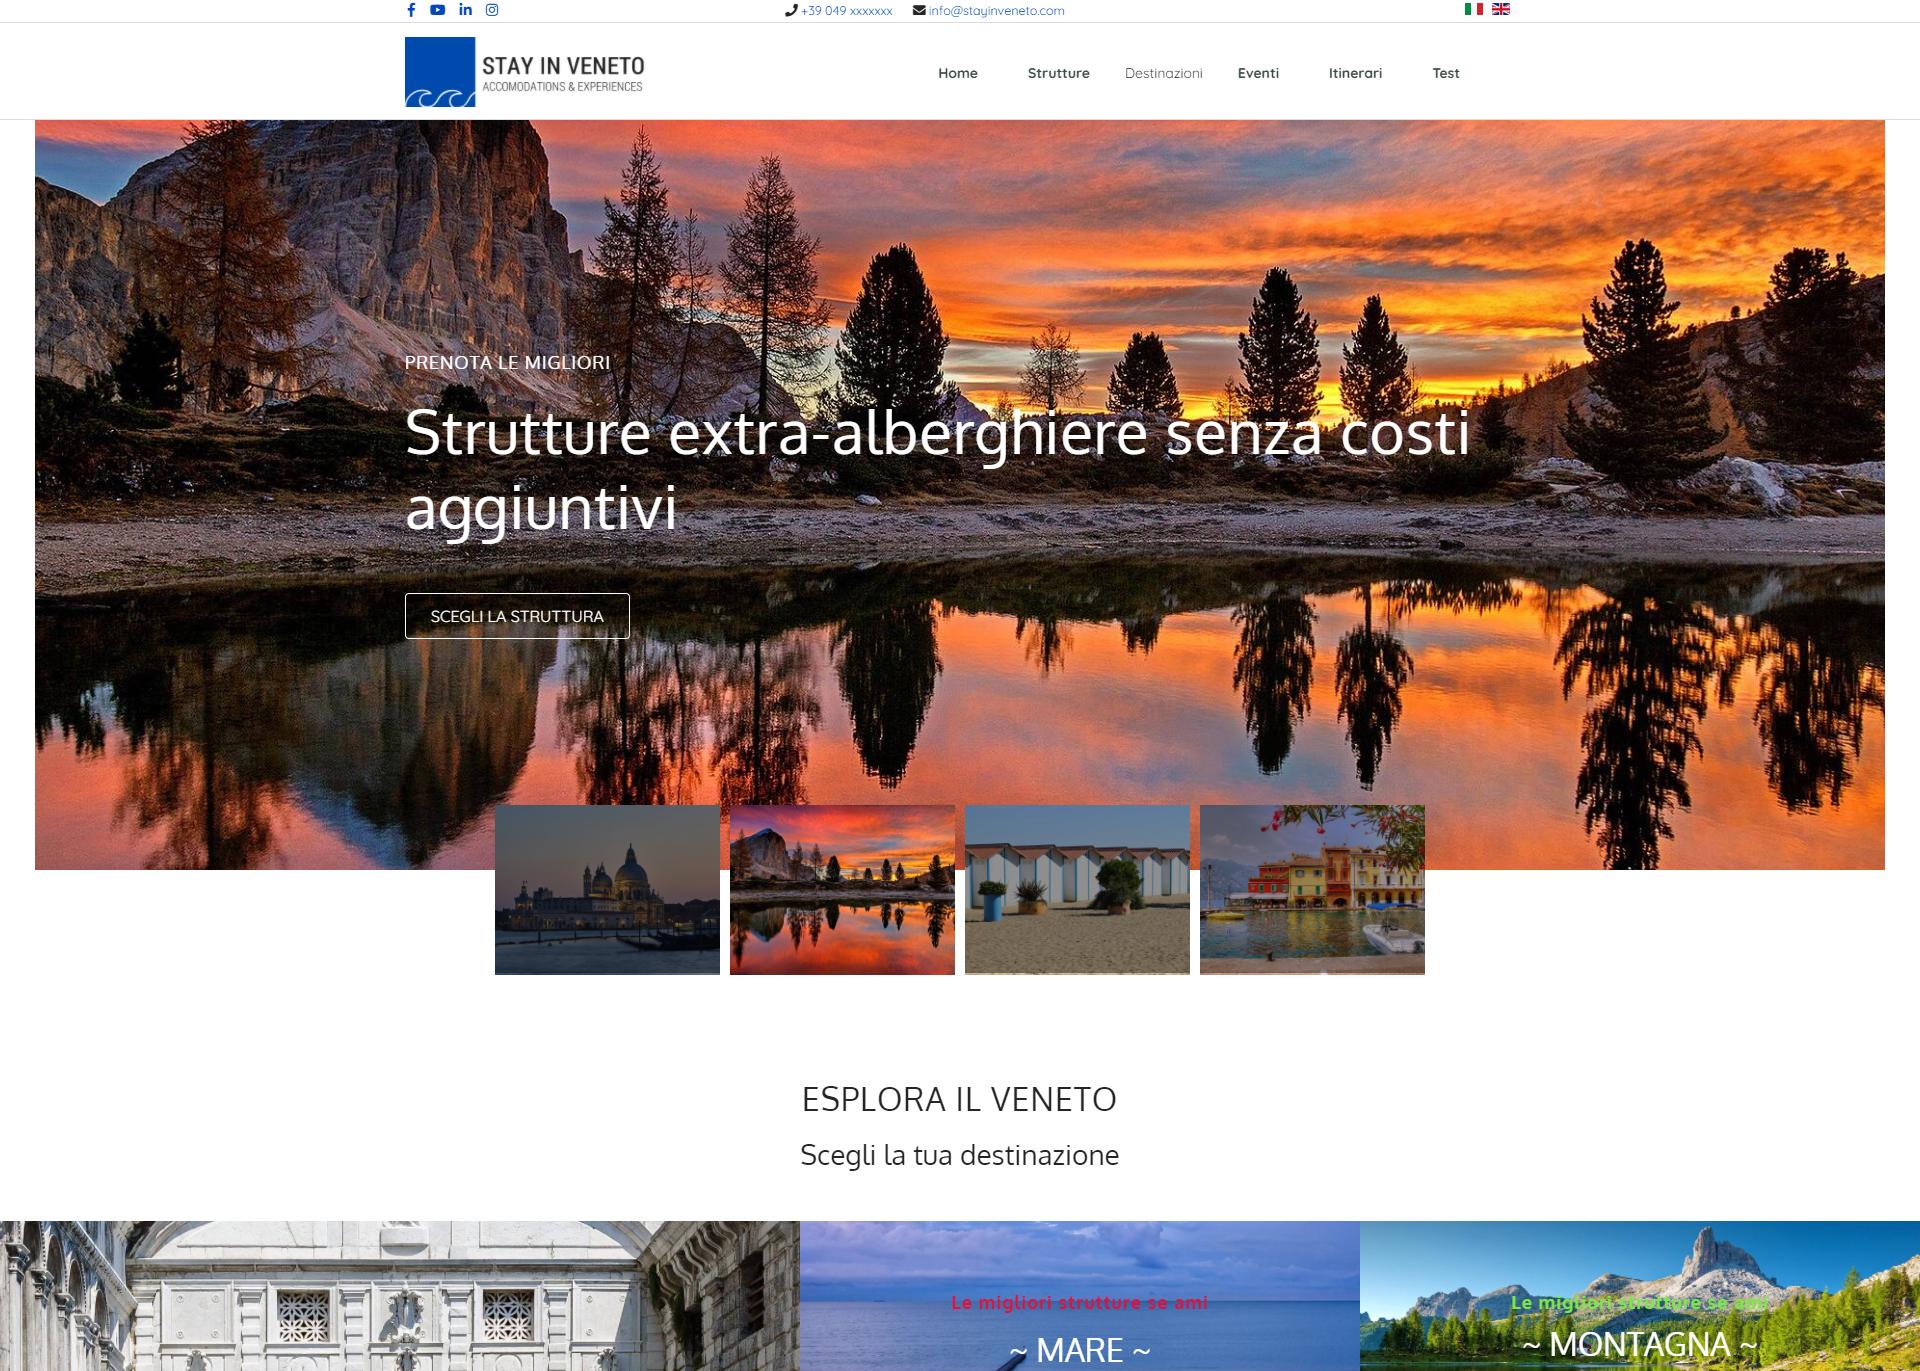 Stay in Veneto Strutture